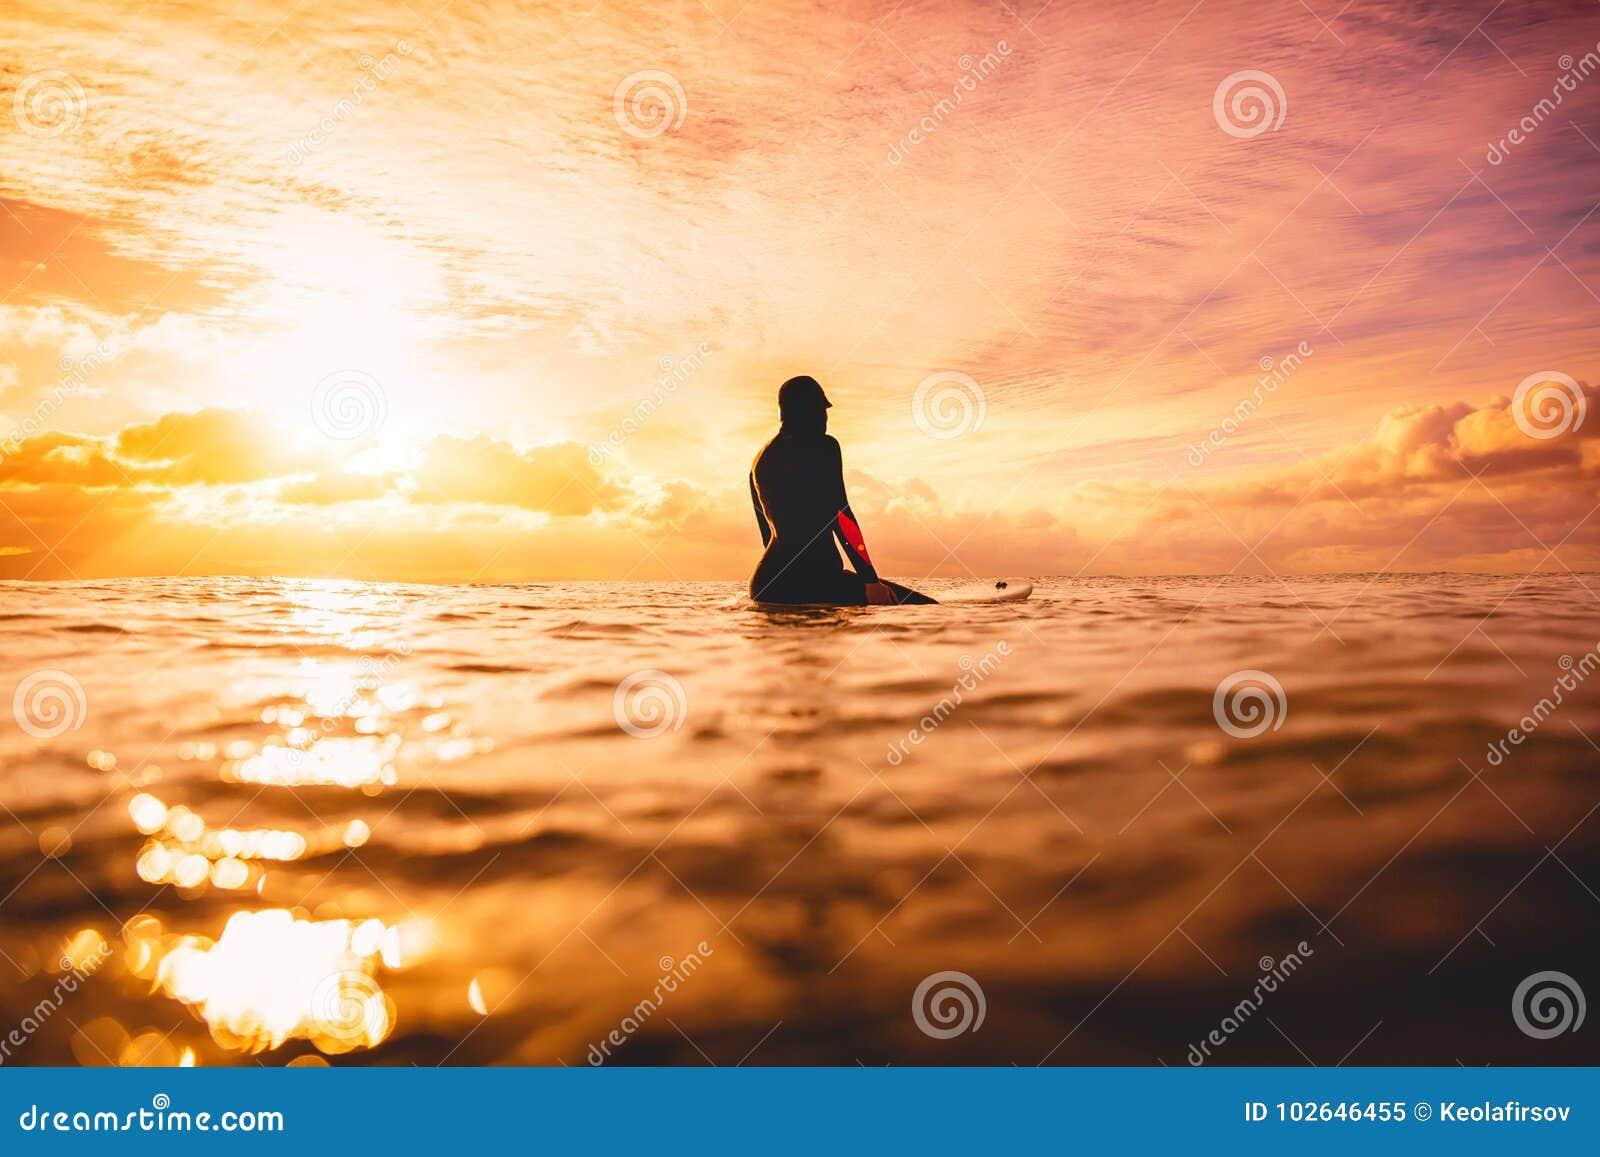 Surfuje dziewczyny w oceanie przy zmierzchem lub wschodem słońca Zima surfing w oceanie